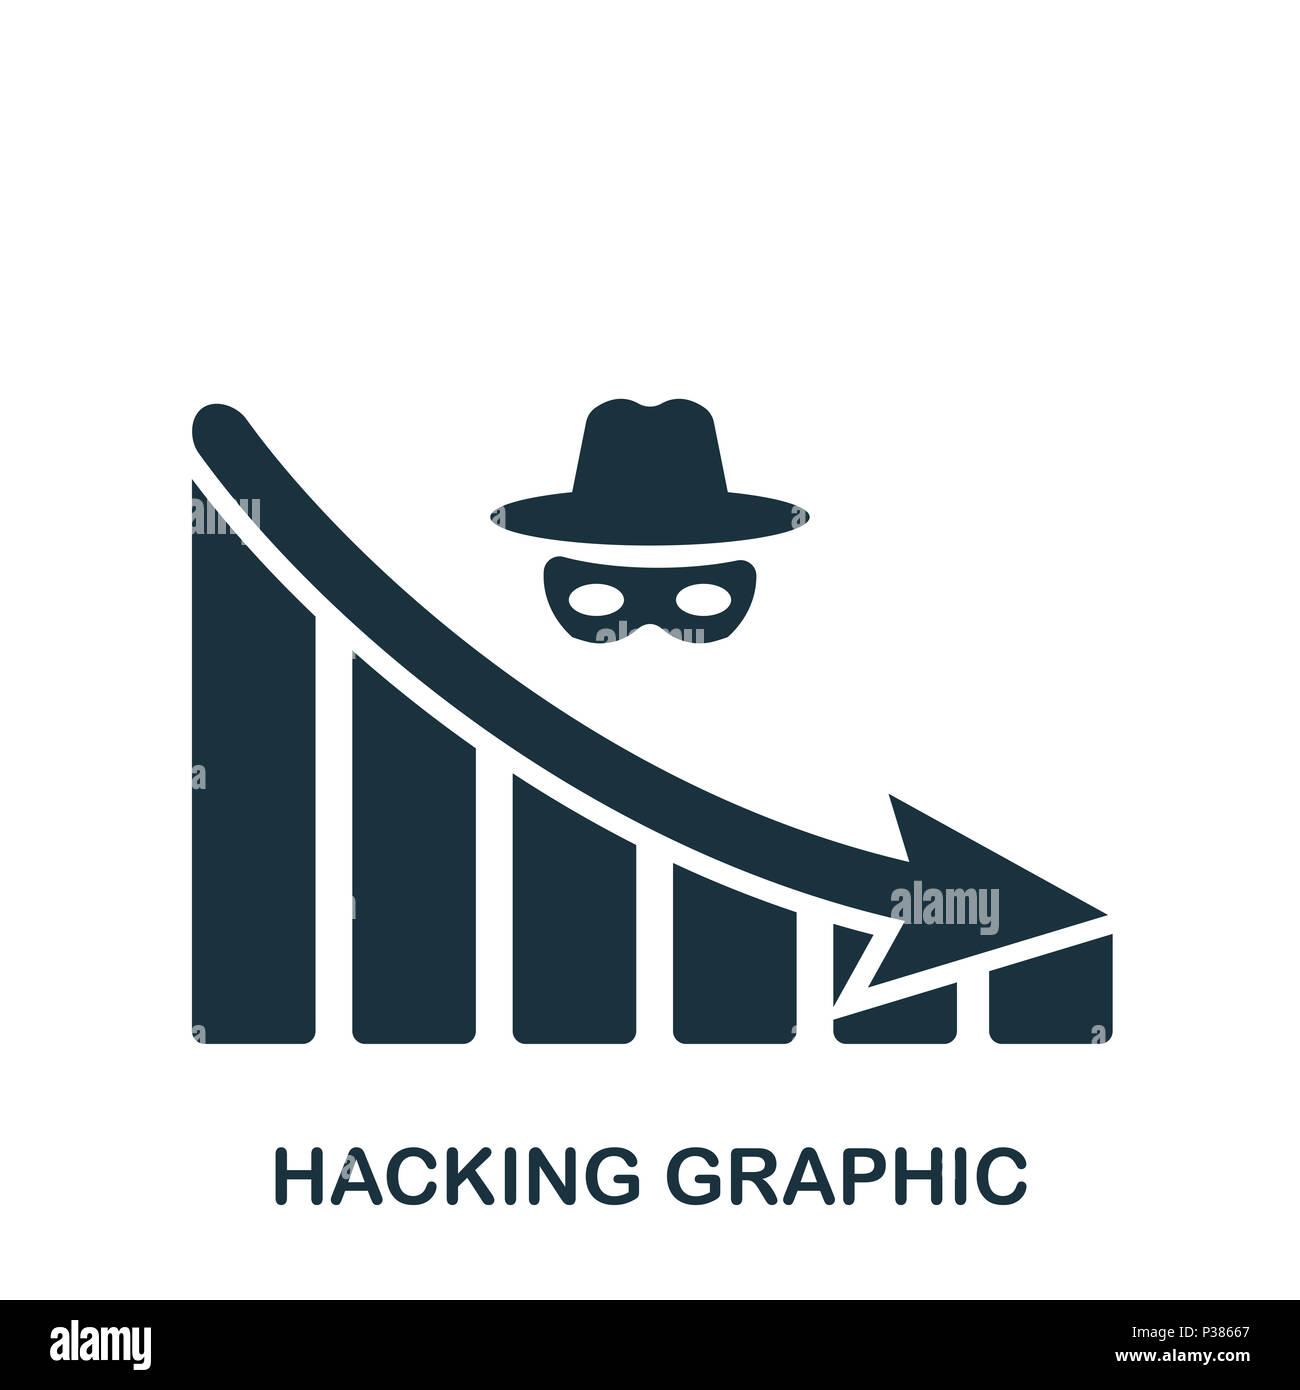 Diminuzione di hacking icona grafica. Mobile App, stampa, icona del sito web. Semplice elemento cantare. Hacking monocromatica diminuzione icona grafica illustrazione. Foto Stock